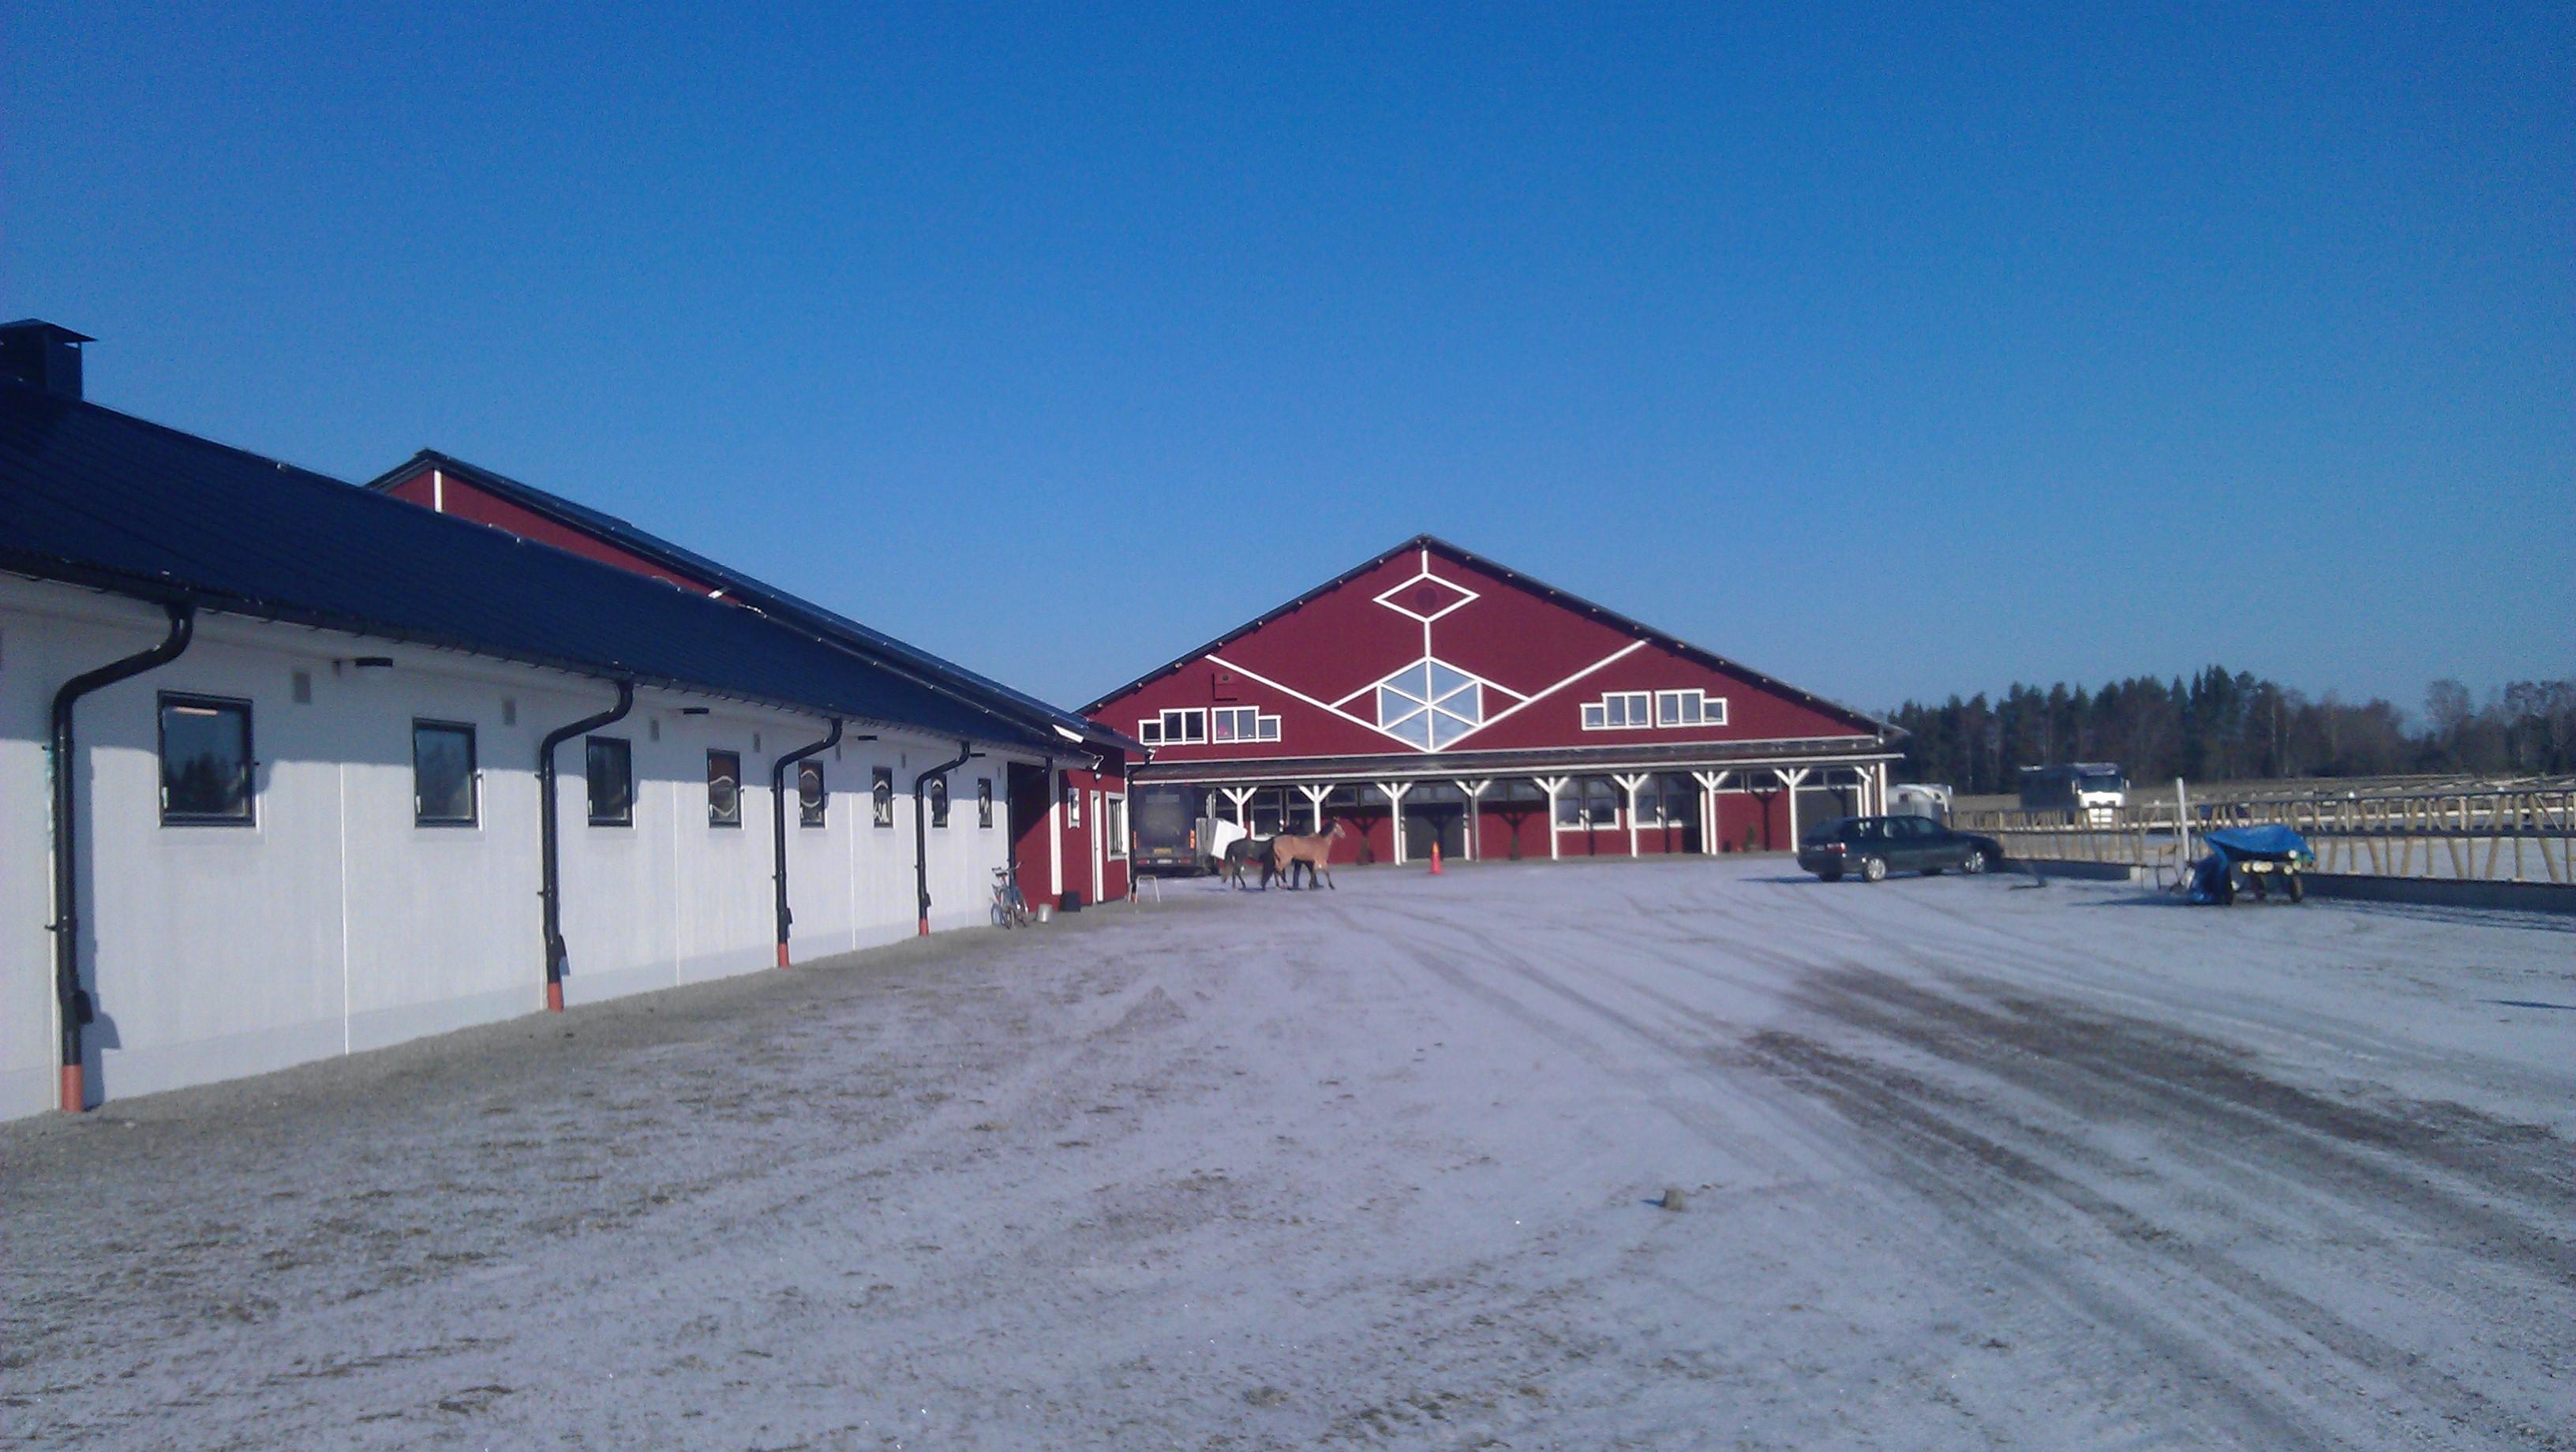 Komplett VVS entreprenad för nybyggnation av hästgård i Skokloster, värme, vatten, avlopp, kulvert, markvärme, fontän samt dagvatten och dränering.